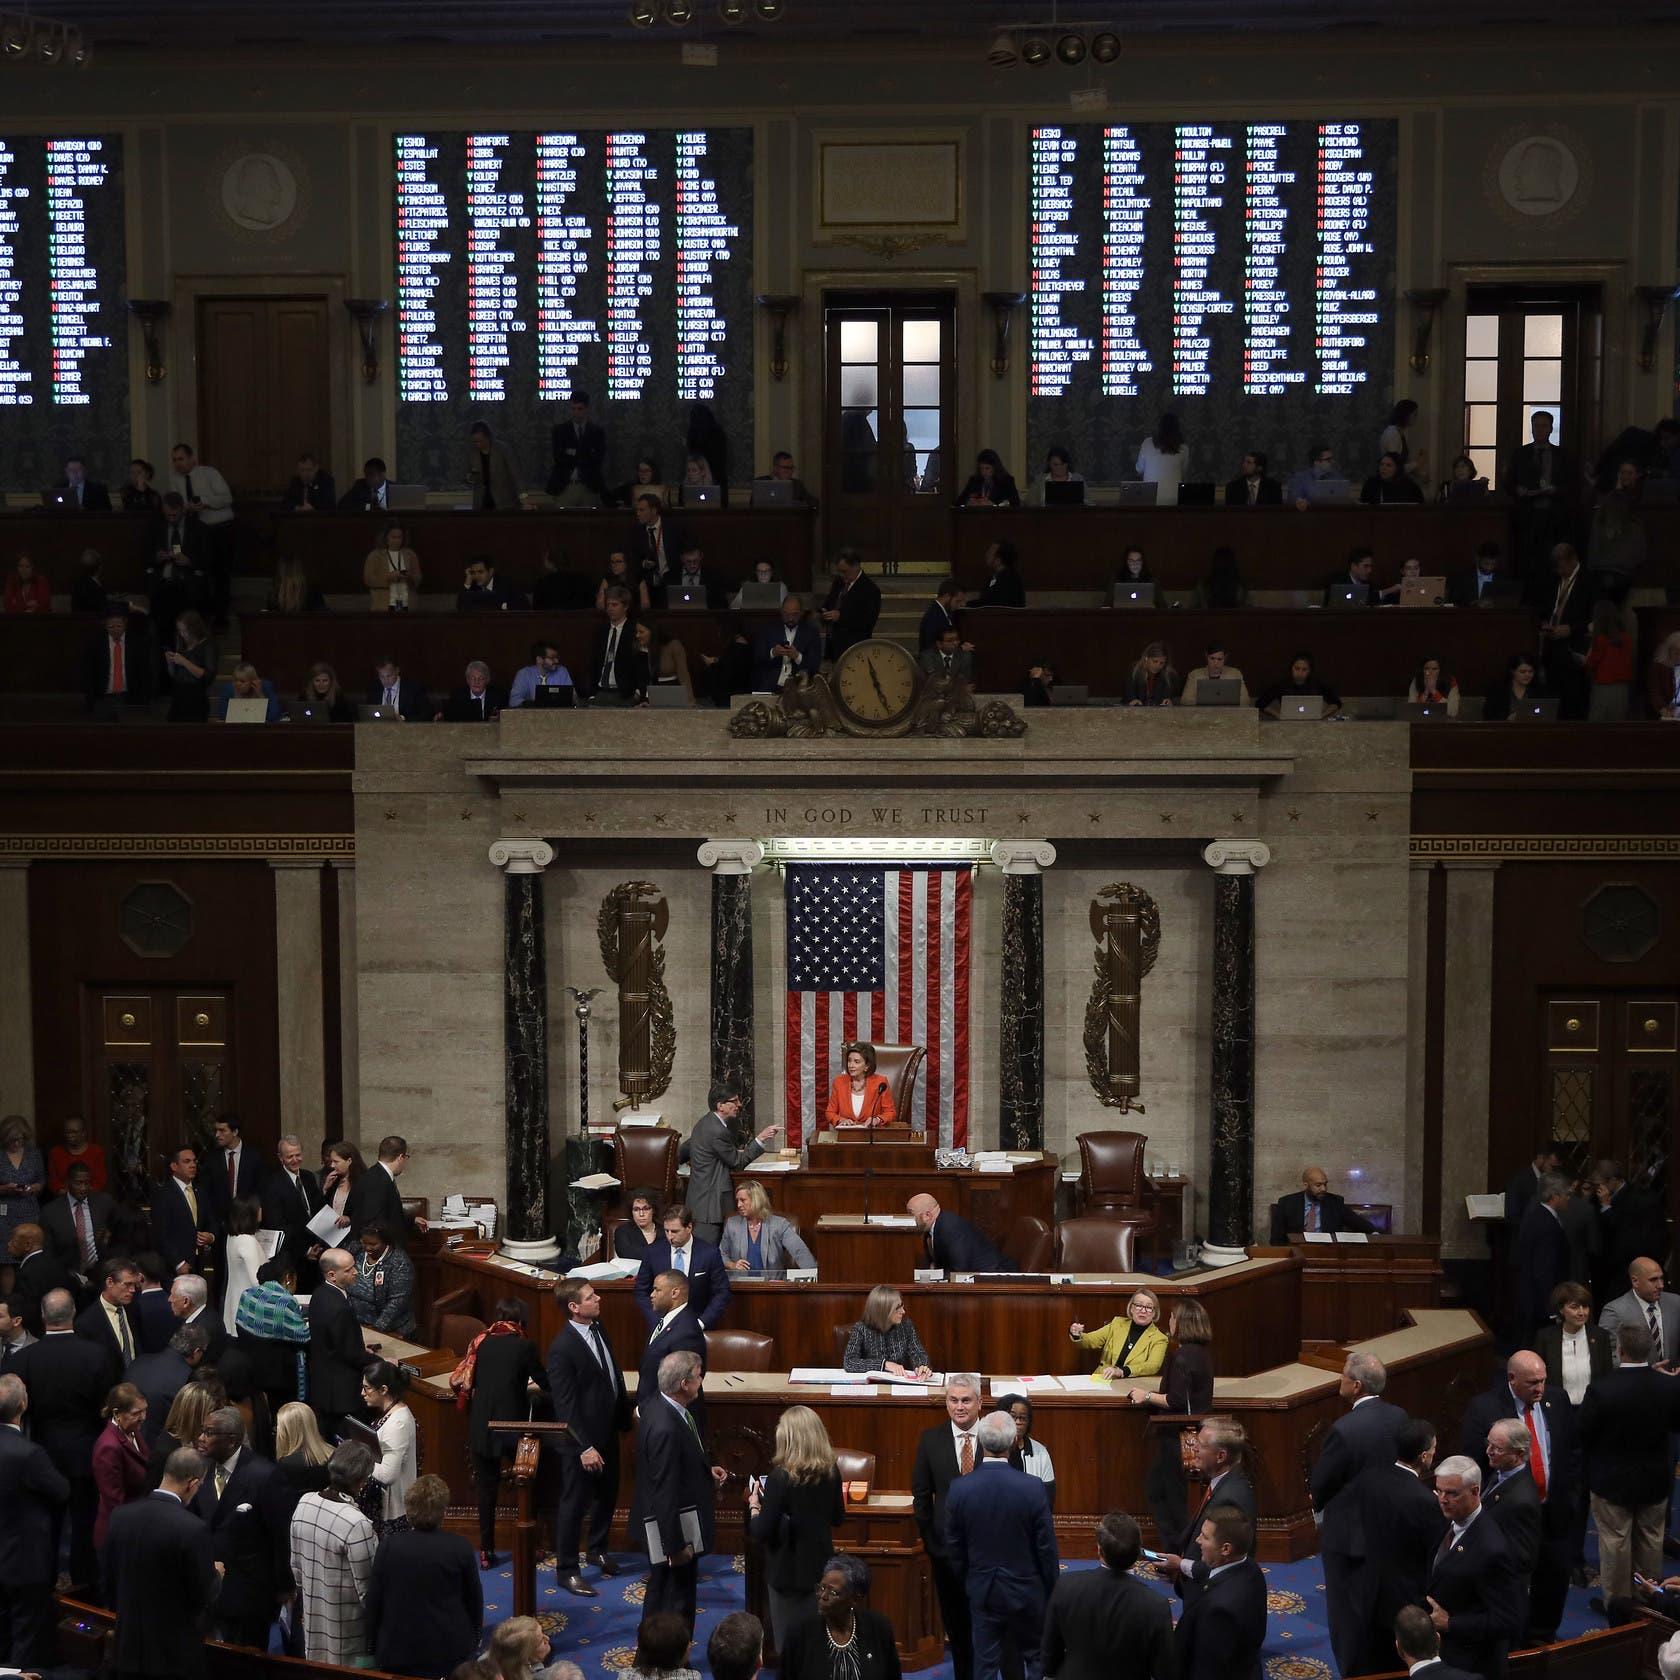 قرار من مجلس النواب الأميركي يخالف سياسة ترمب بشأن فلسطين